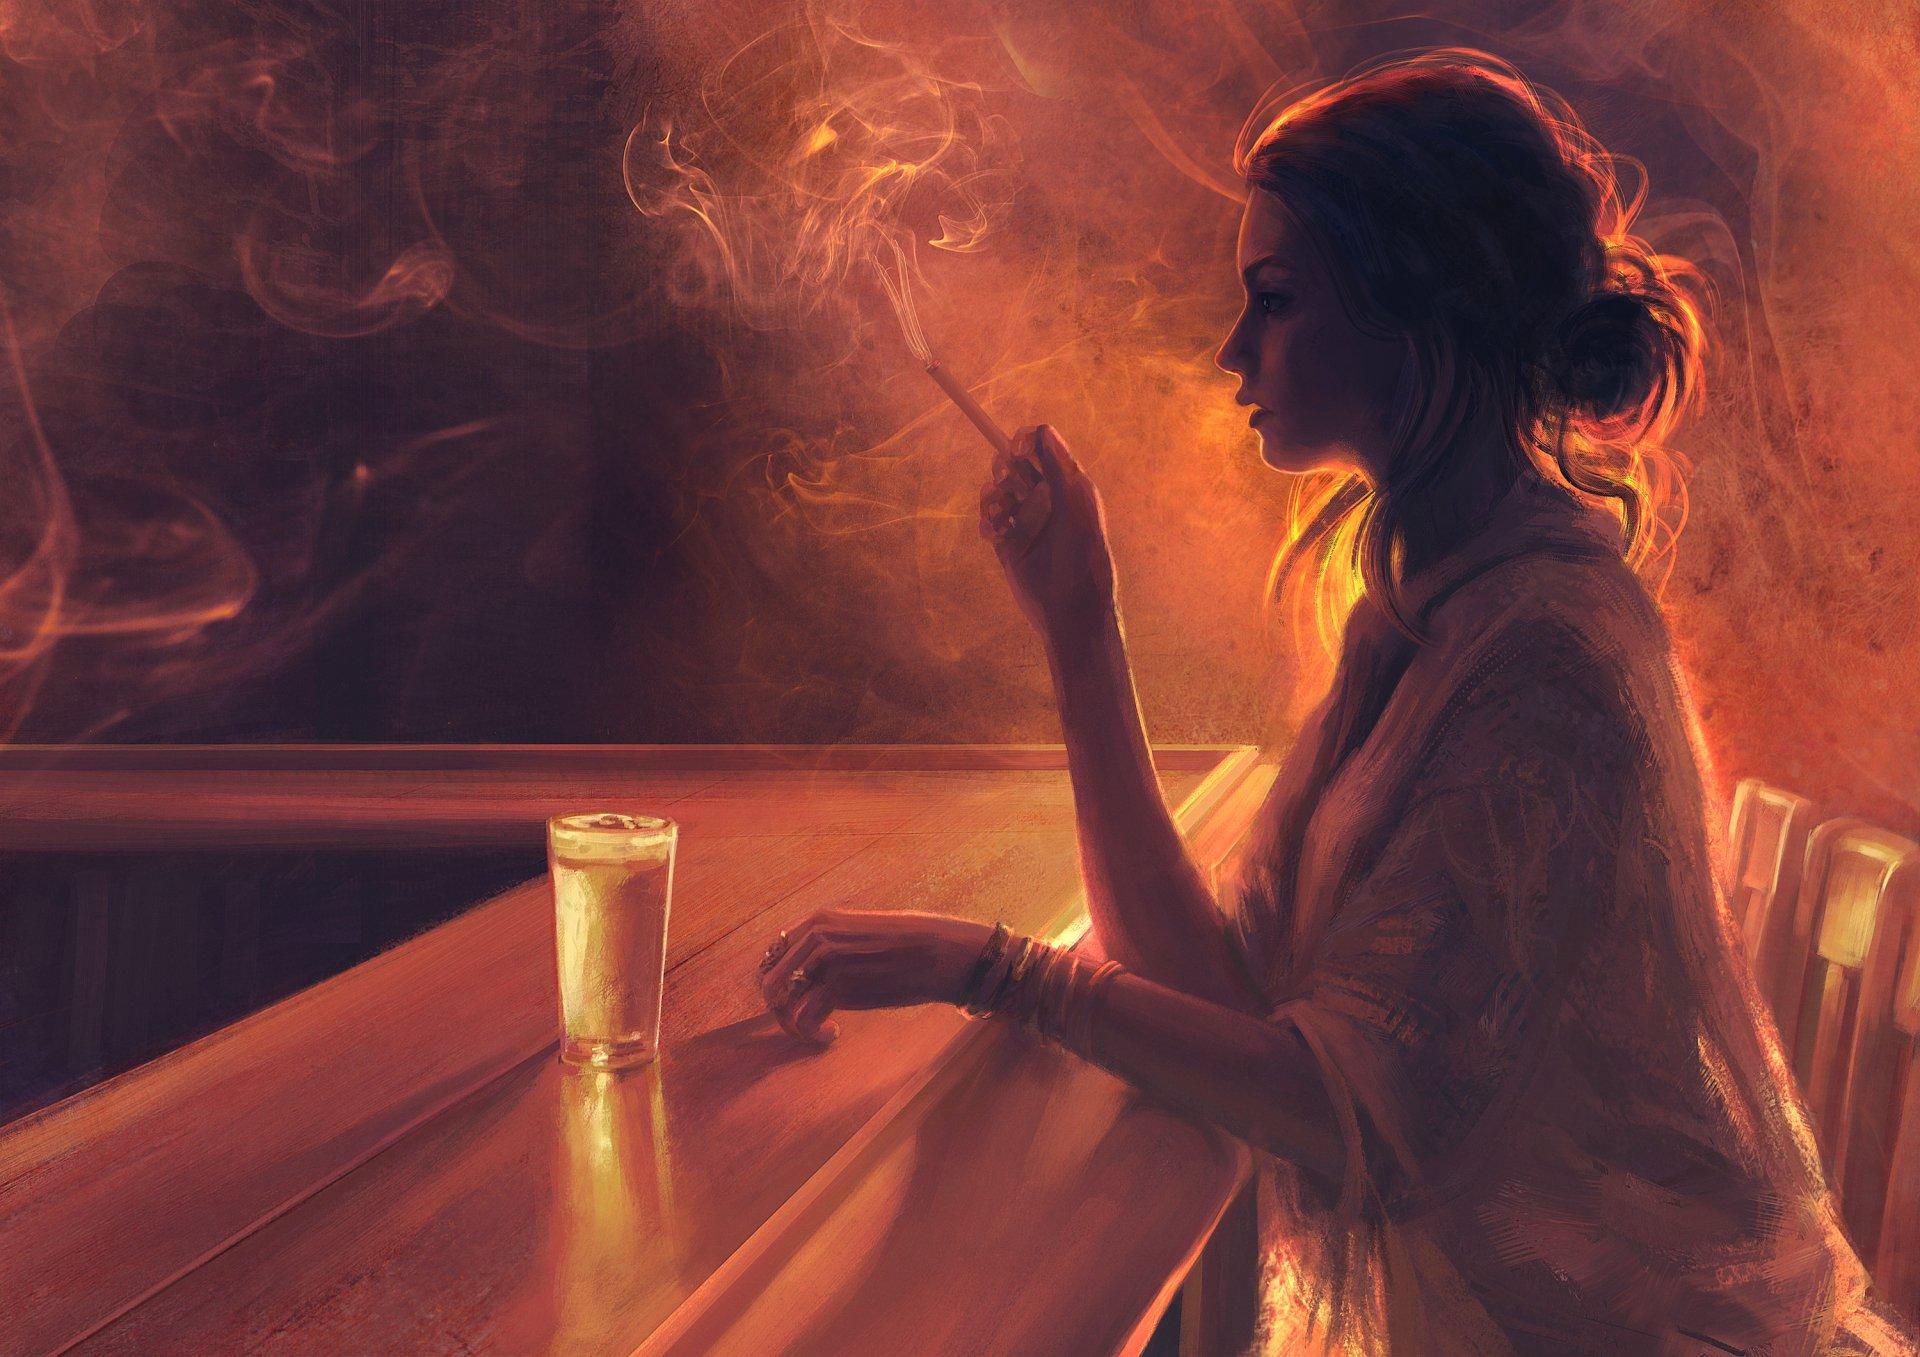 داستان| زنی دیگر